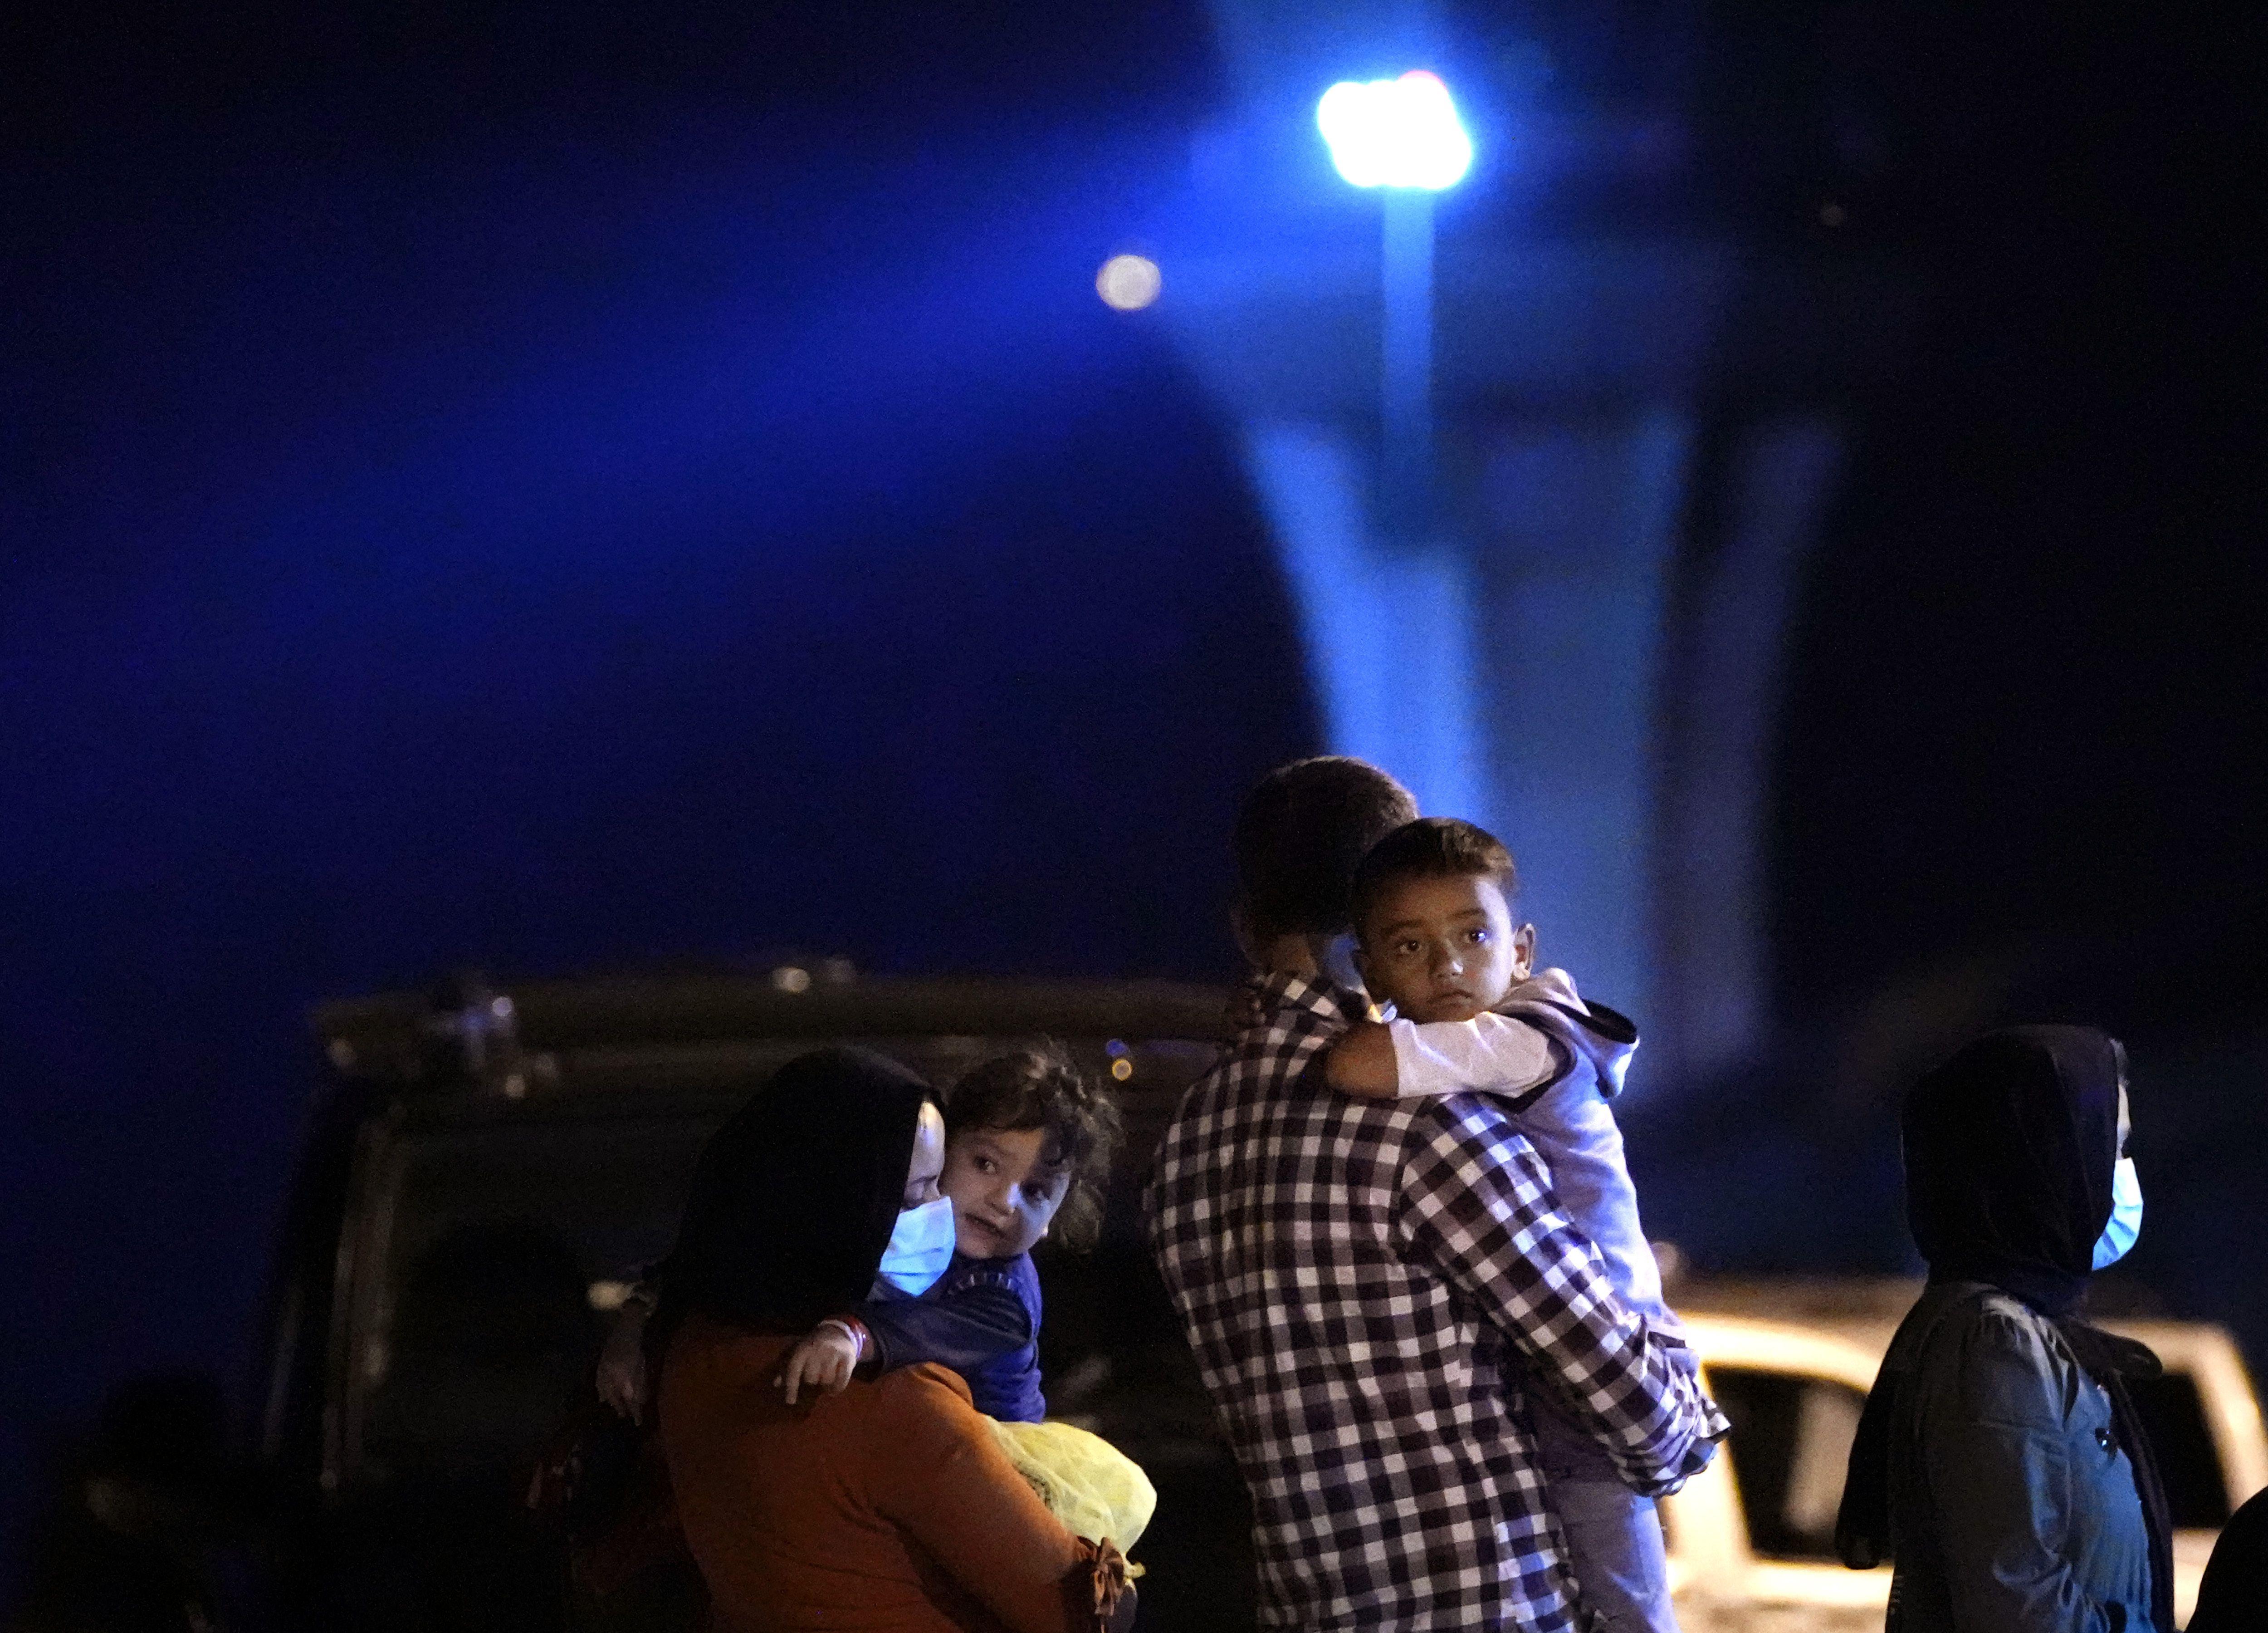 espana evacua a 160 afganos mas a traves de pakistan